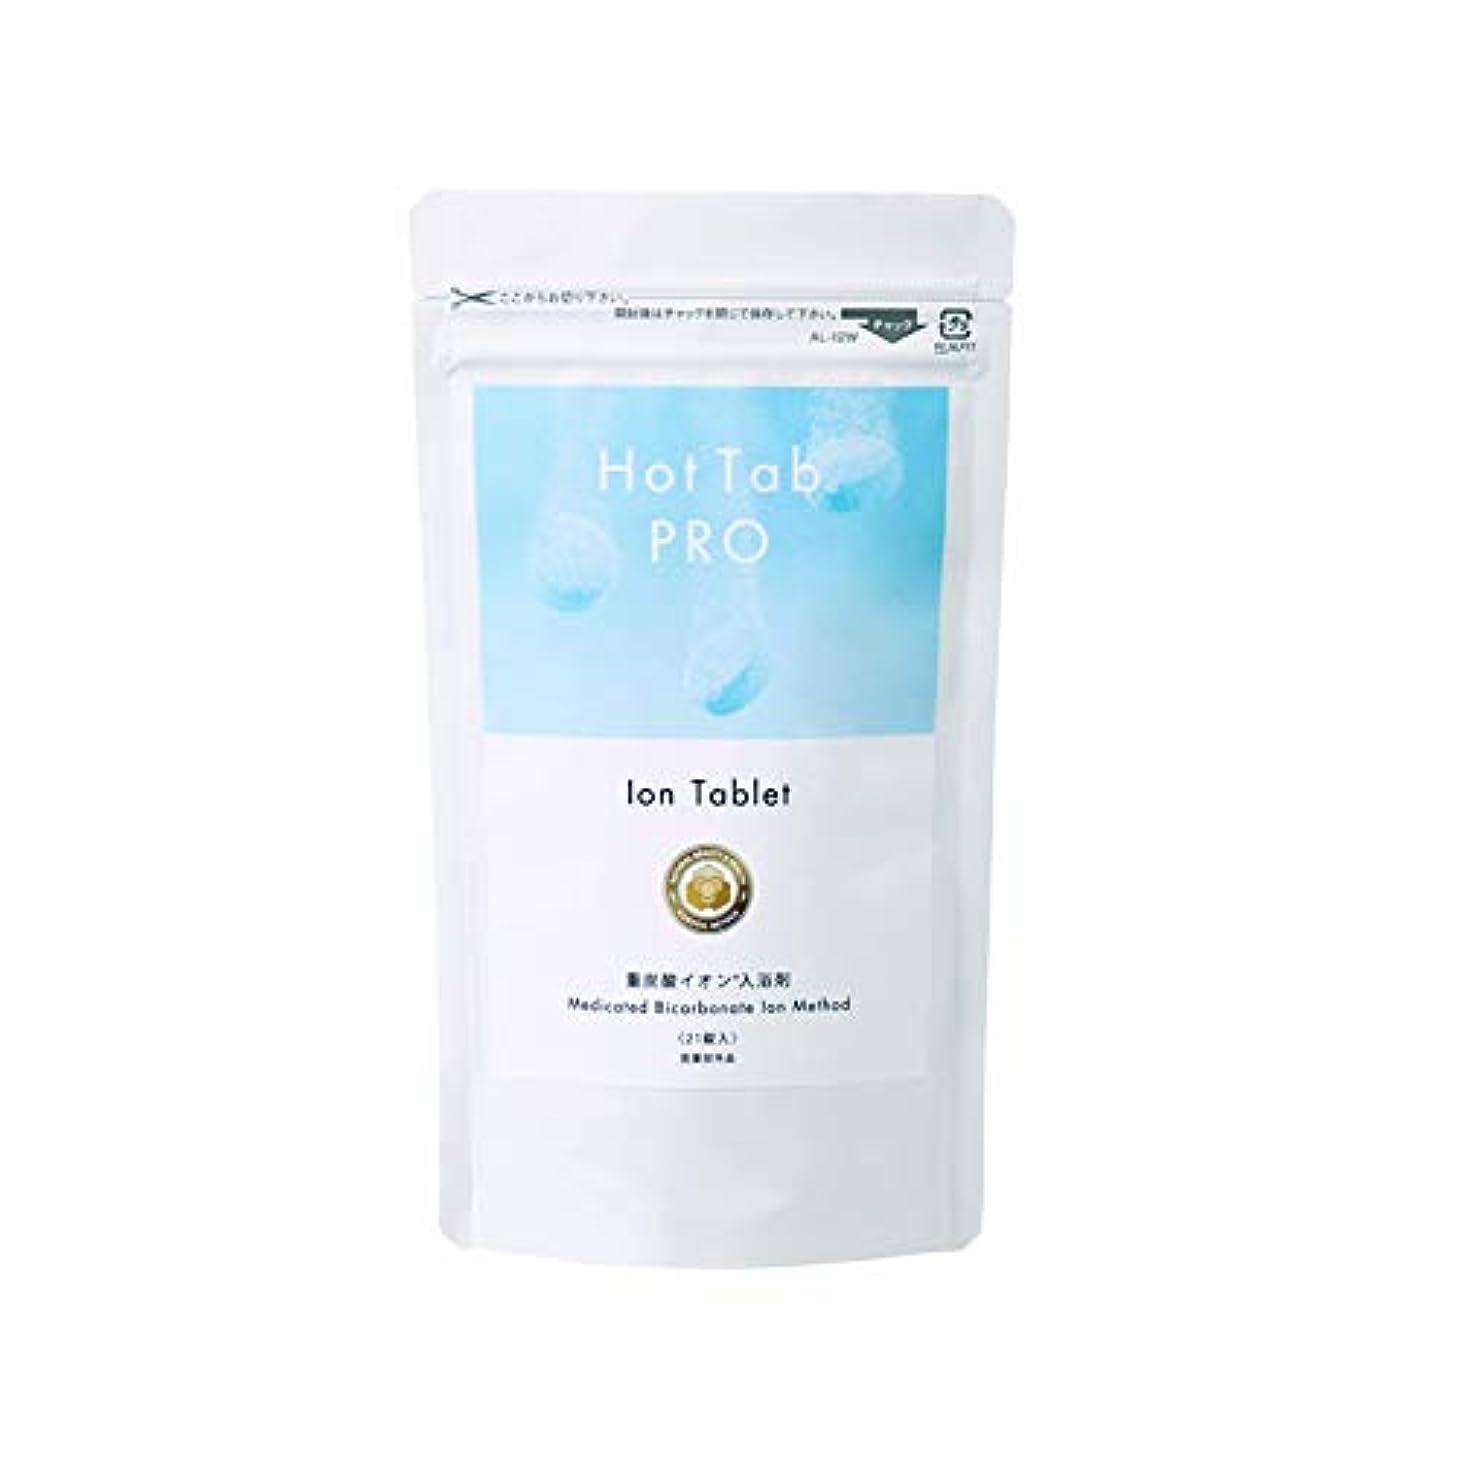 借りている計画的懐最新型 日本製なめらか重炭酸入浴剤「ホットタブPro」(デリケートな肌でも安心 無香料 無着色 中性pH) (21錠セット)